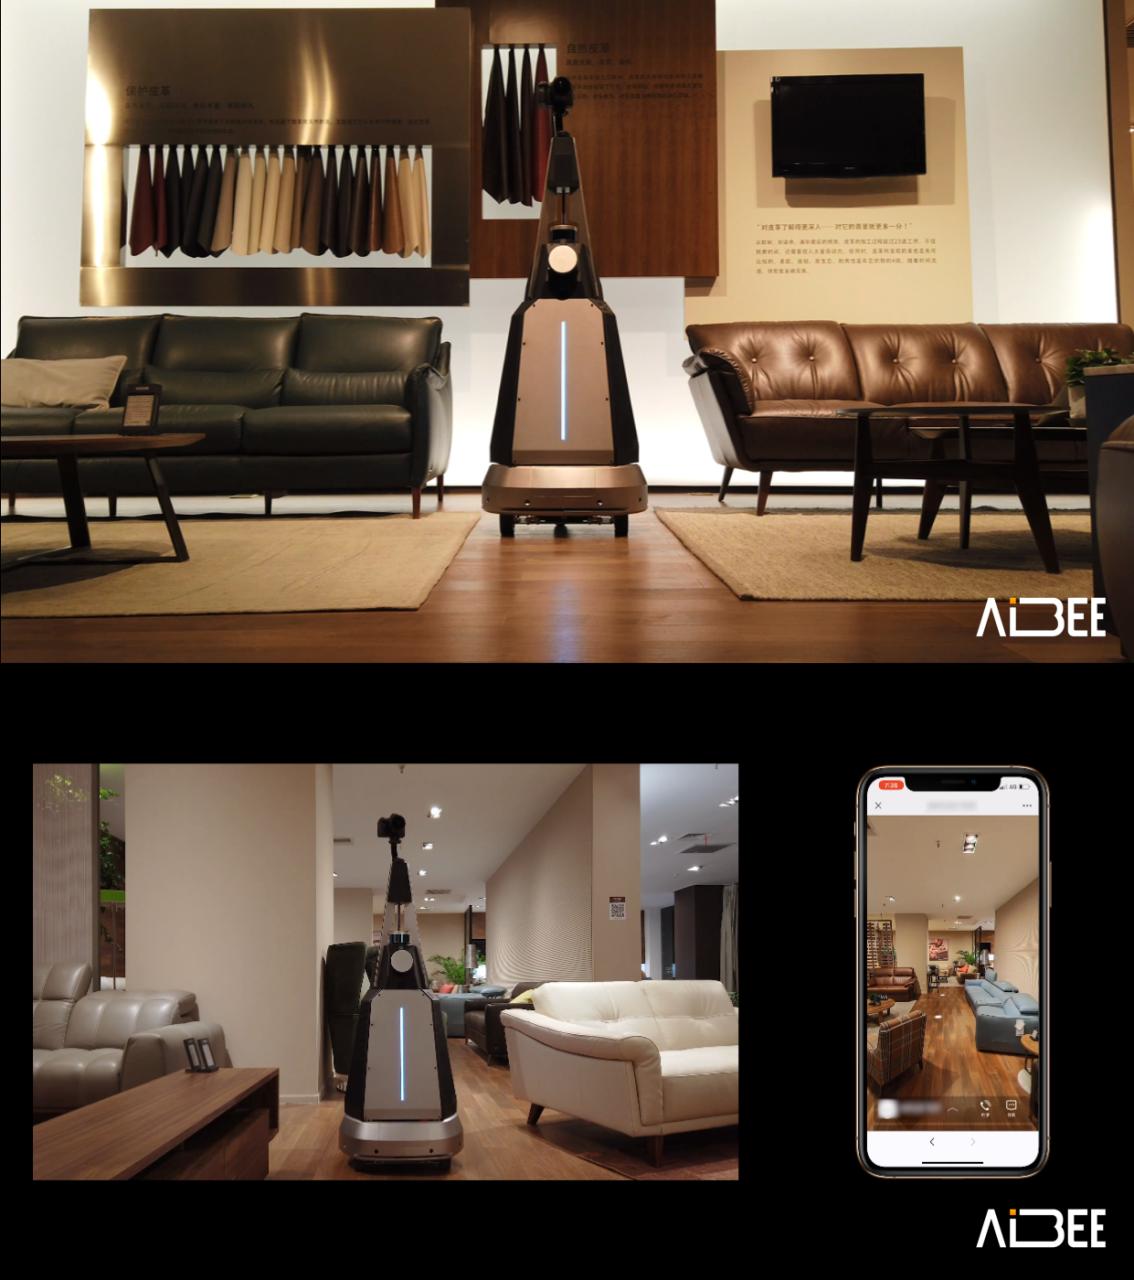 Aibee的8K机器人。